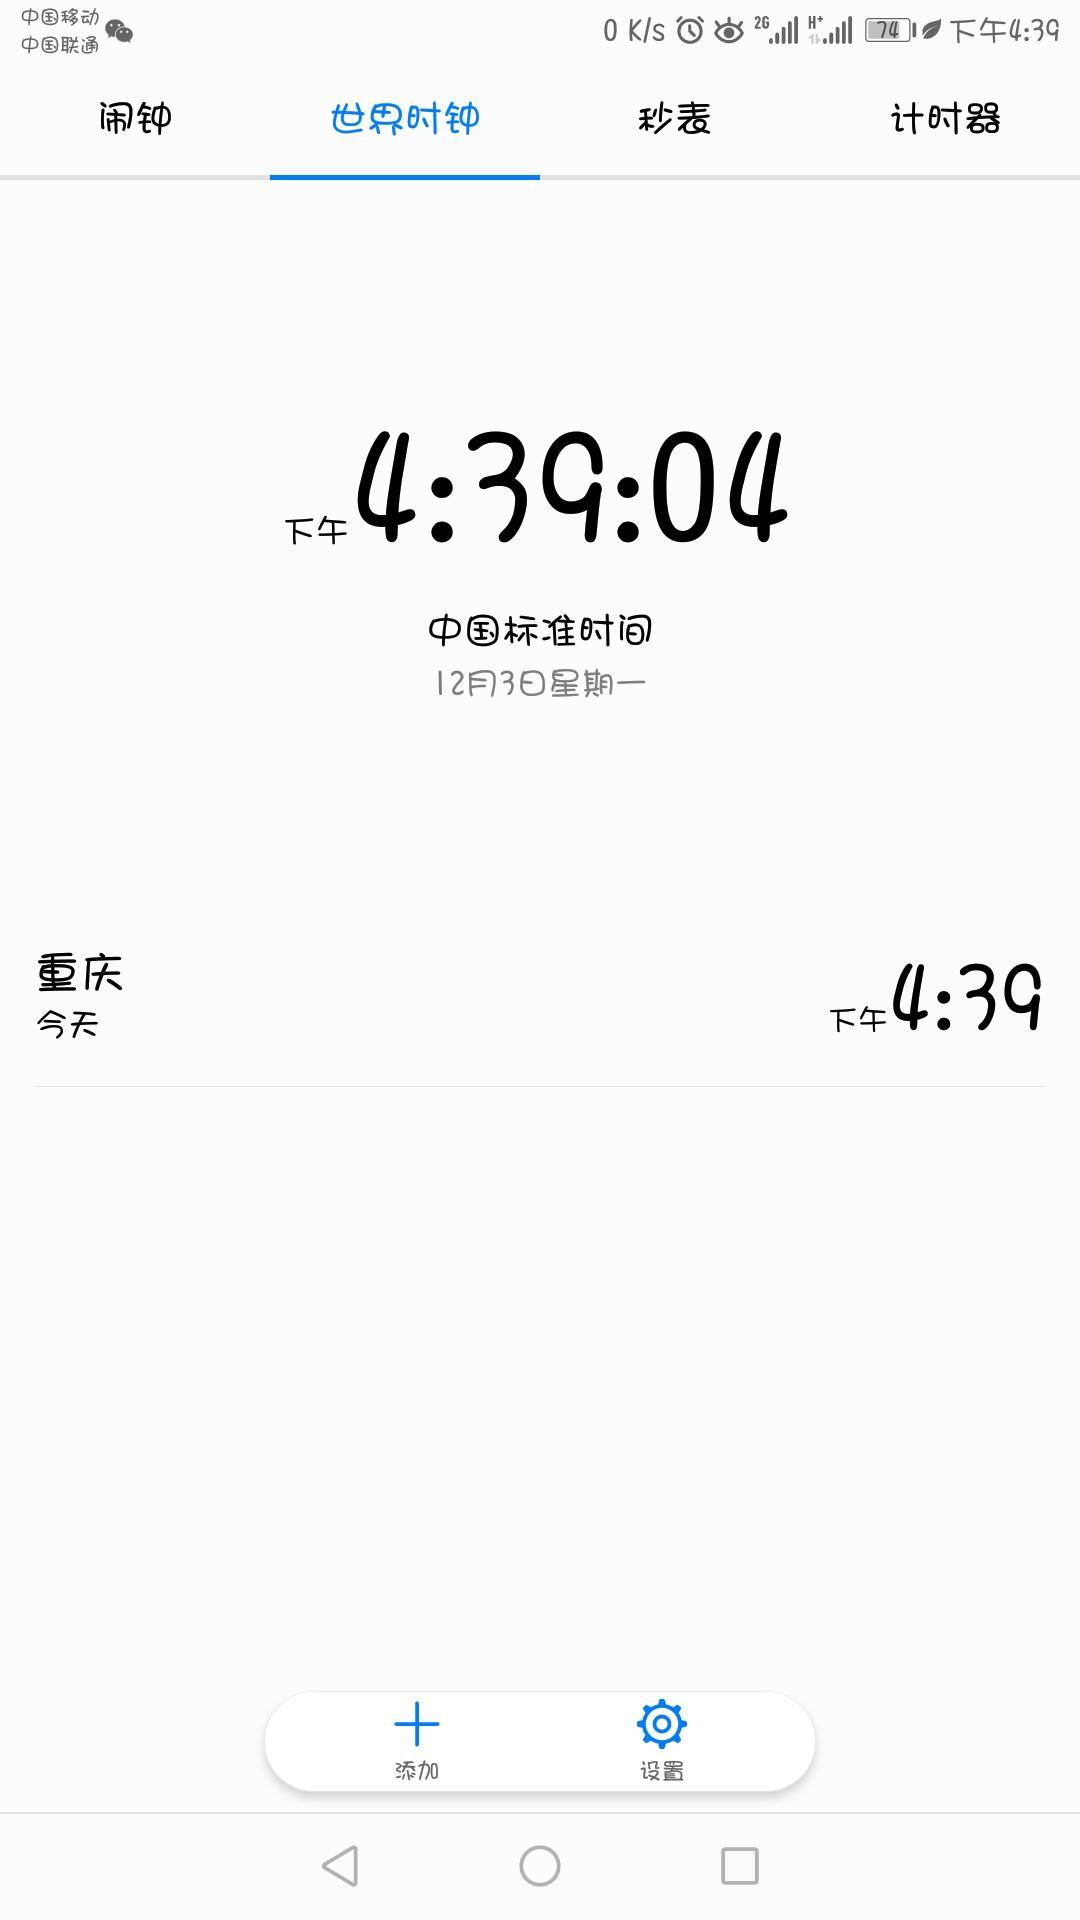 Screenshot_20181203-163905.jpg